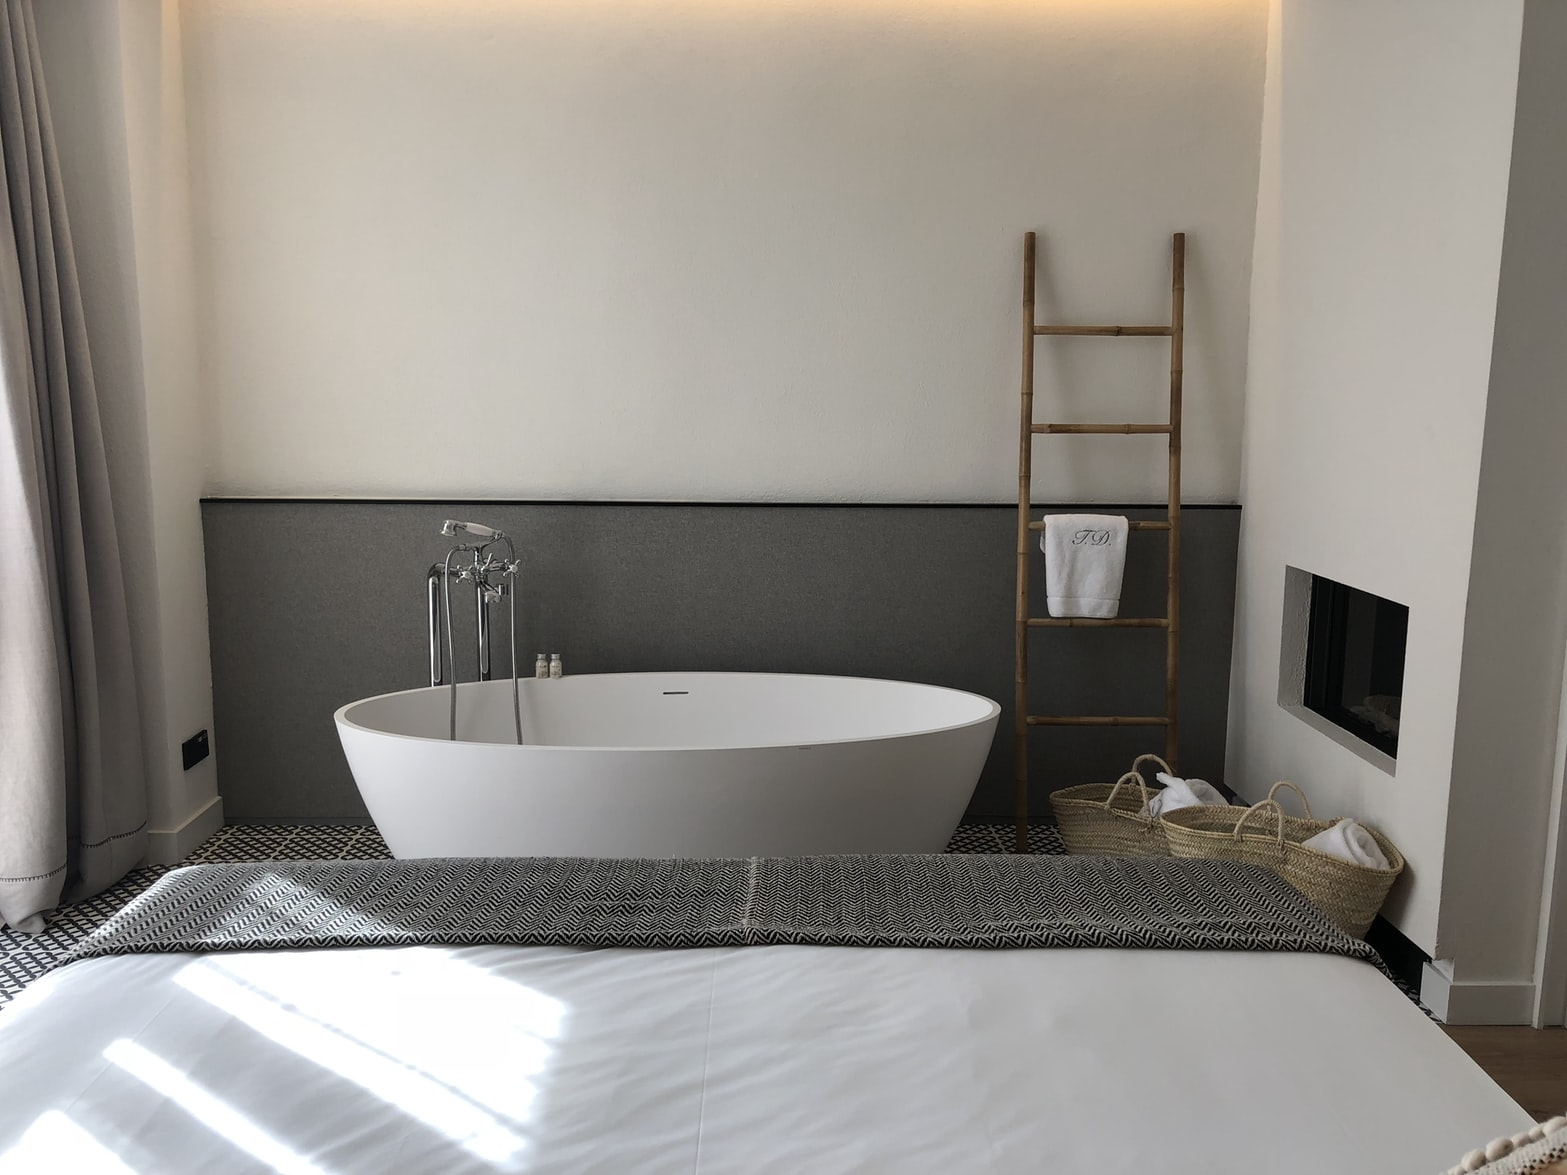 お風呂のお湯は何度ですか?